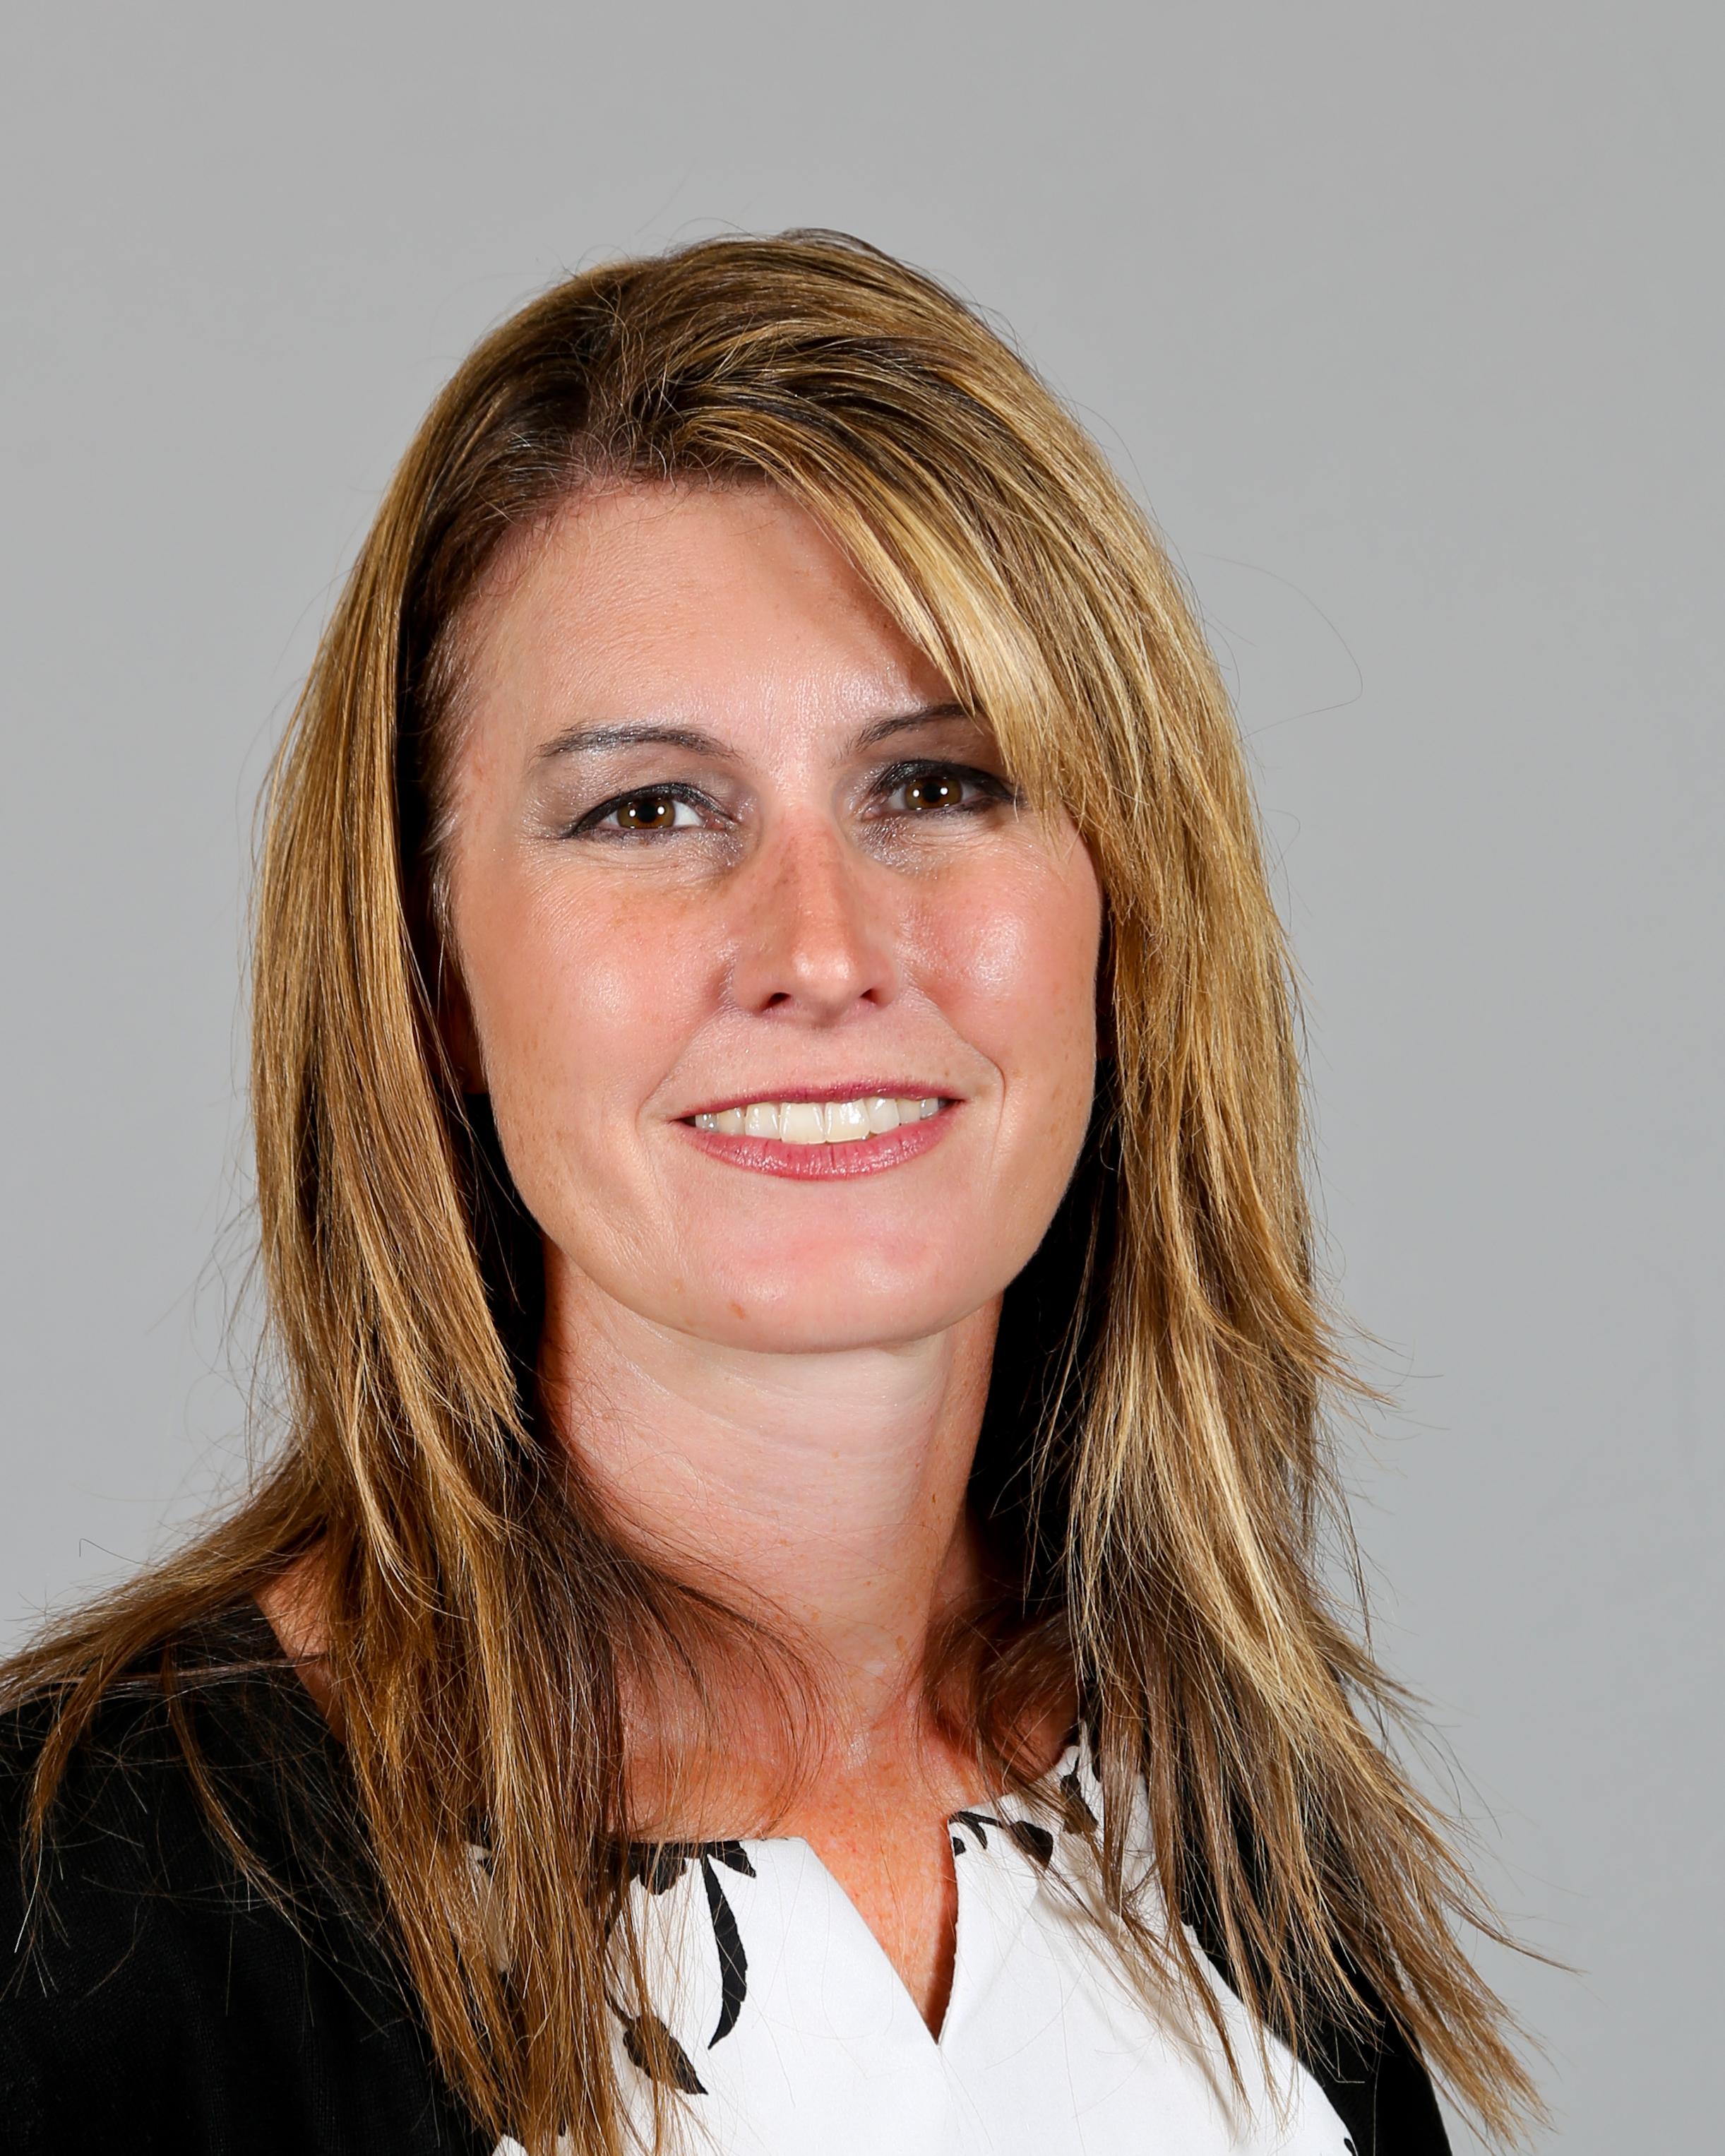 Gina Kimery Portrait Photo